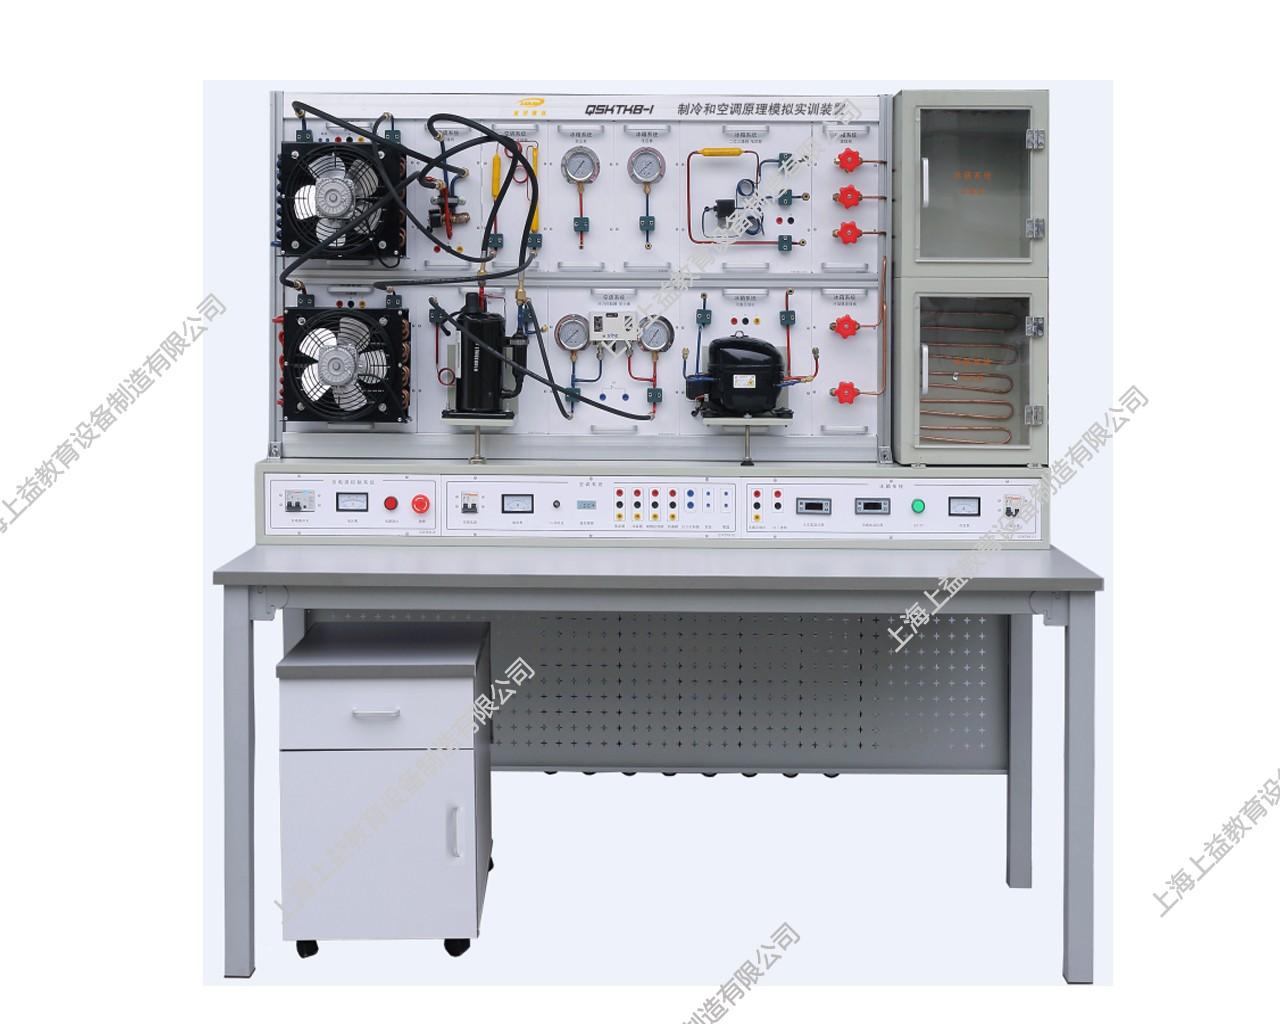 SYJYD-ZLKT-1型 制冷和空调模拟wwwlehu8vip装置装置